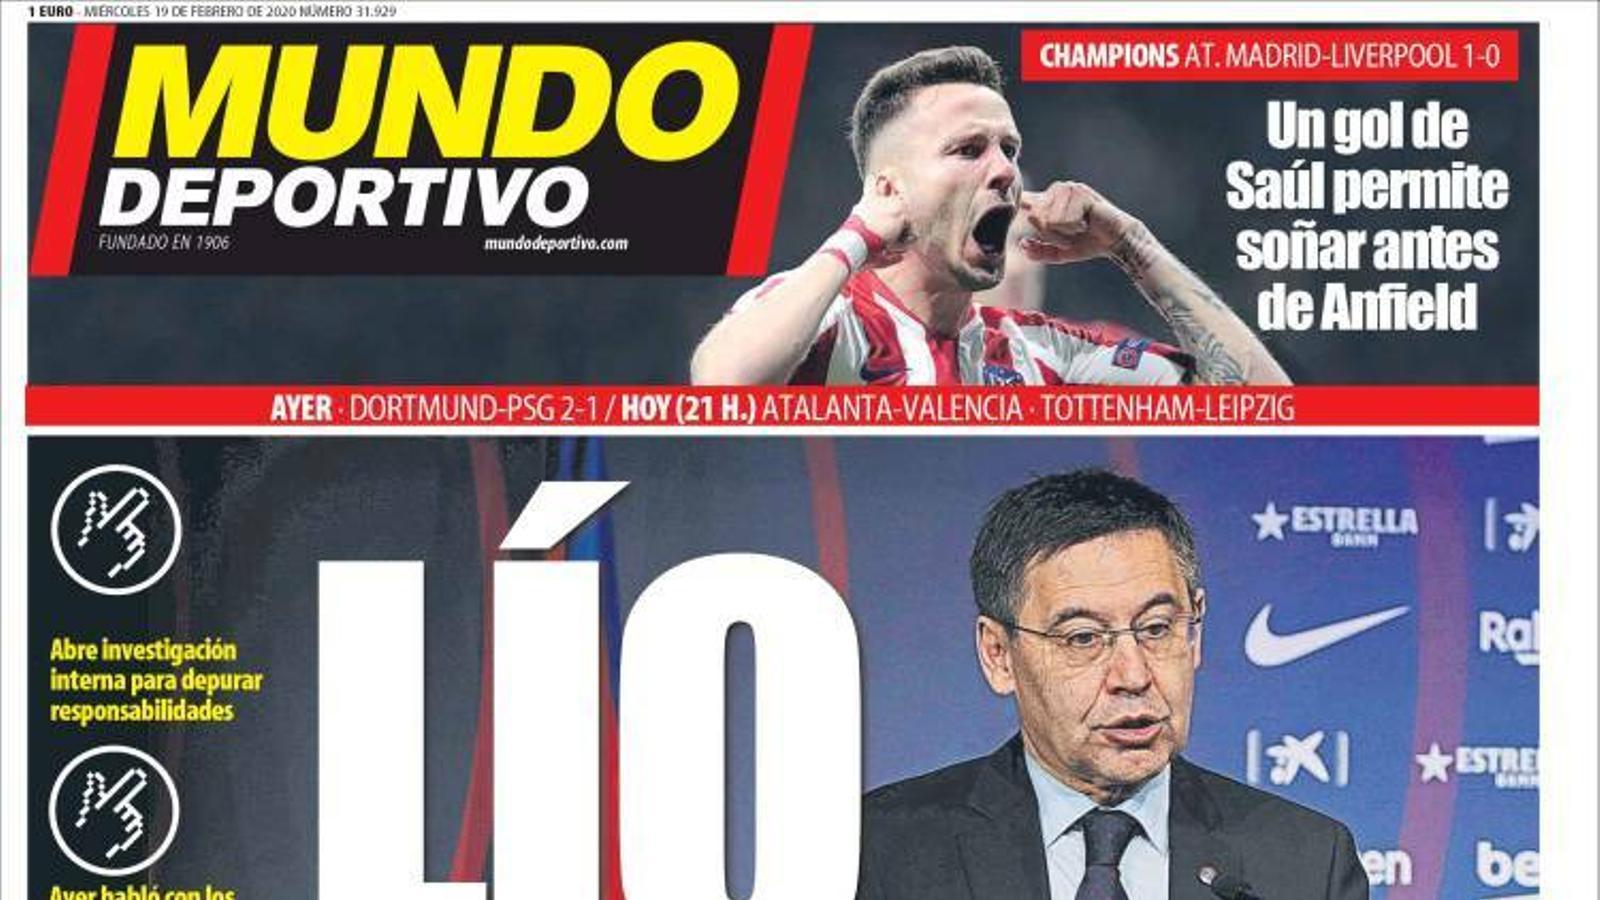 'Mundo deportivo' i 'Sport', cara i creu amb l'escàndol del Barça